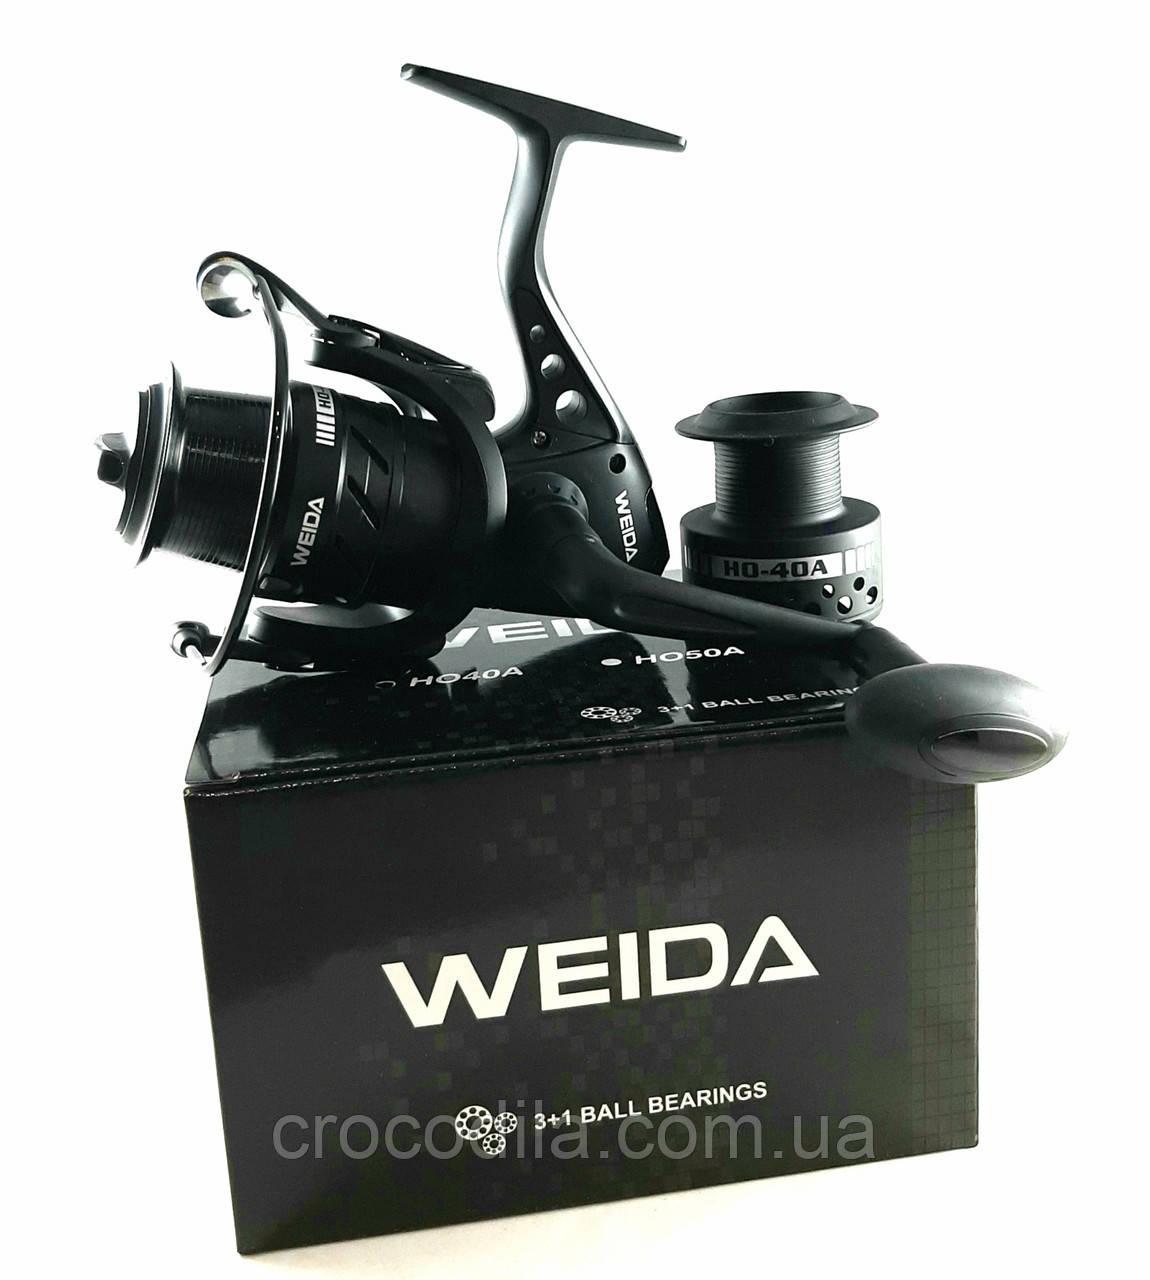 Фидерная катушка Weida ( Kaida) HO50A с конусной низкопрофильной шпулей 3+1